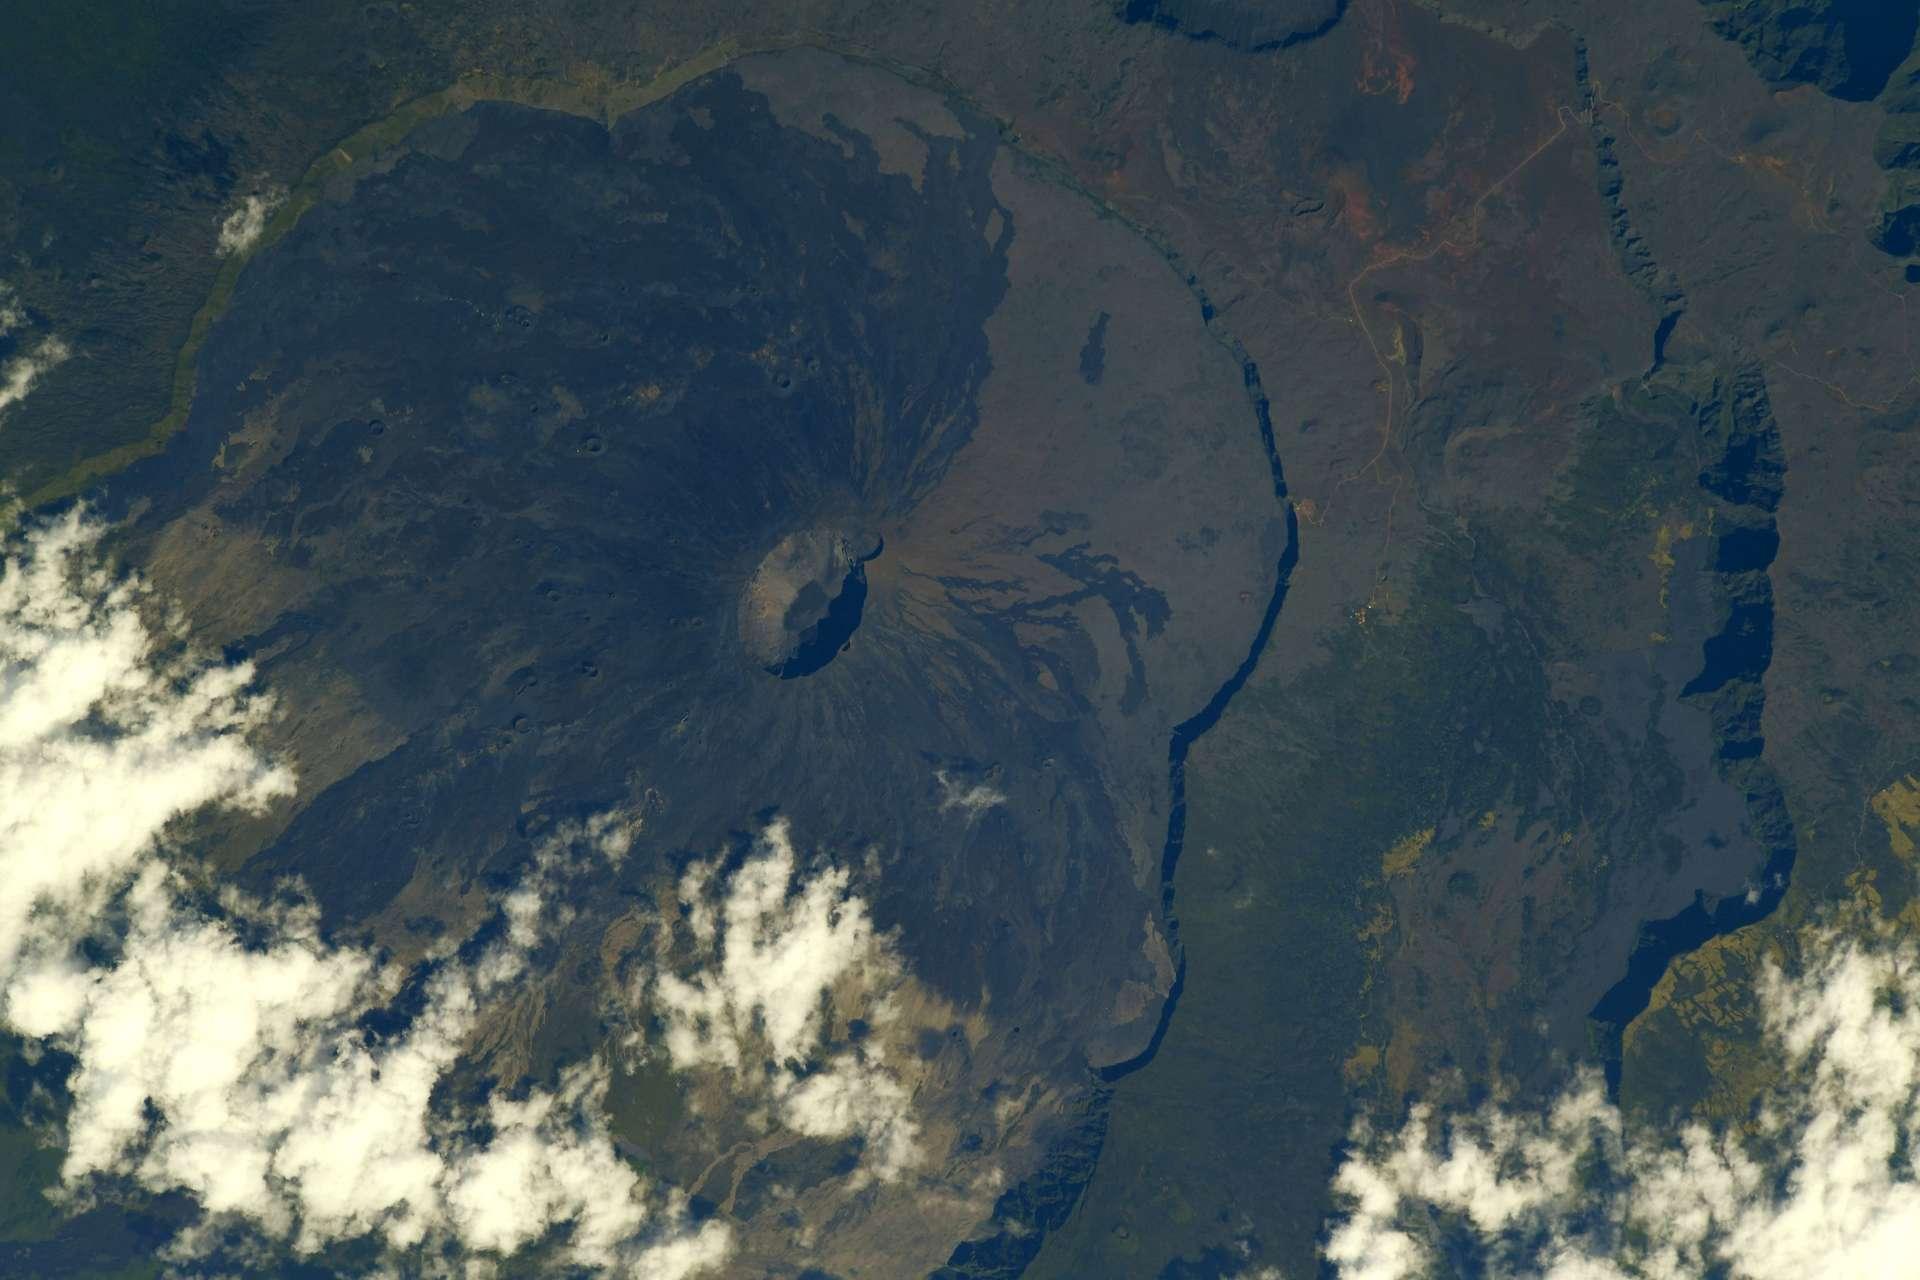 Le piton de la Fournaise, vu depuis l'espace. © ESA/Nasa, Thomas Pesquet